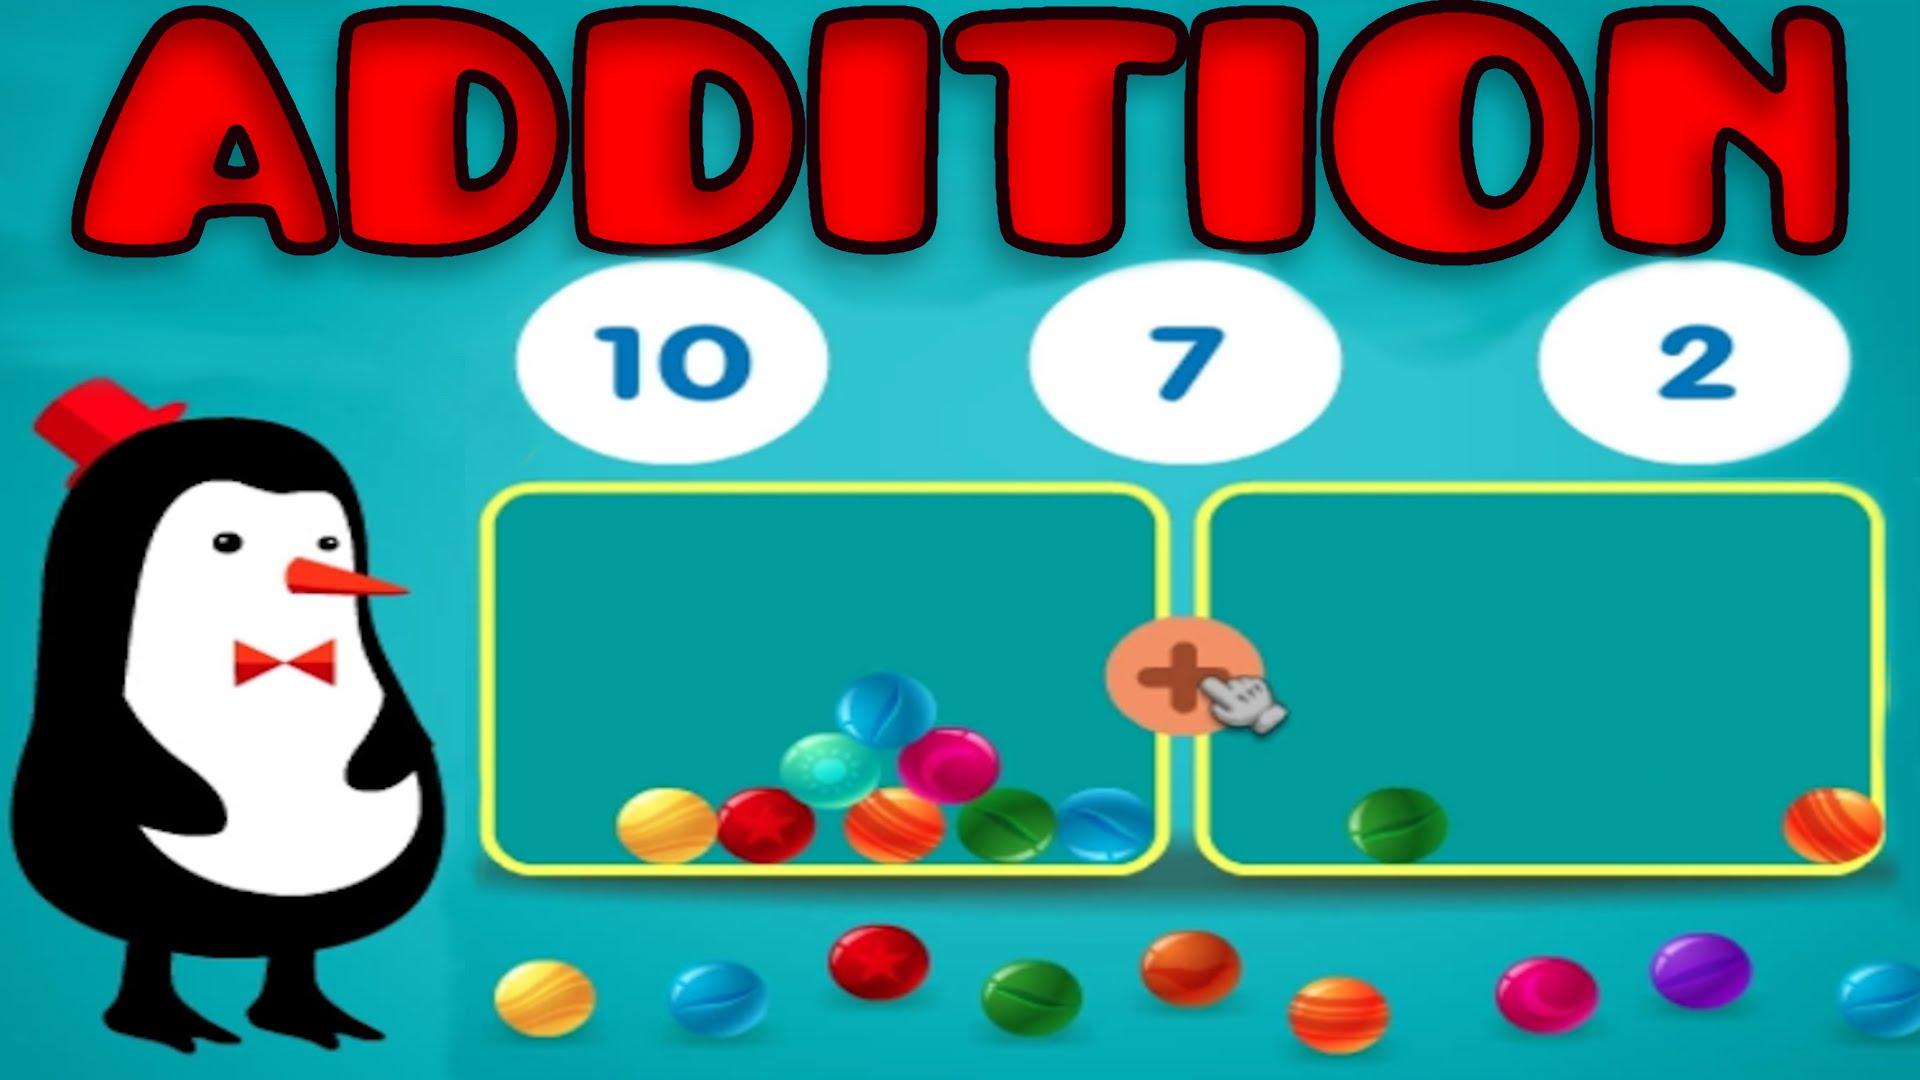 Addition Clipart Preschool Math Addition Preschool Math